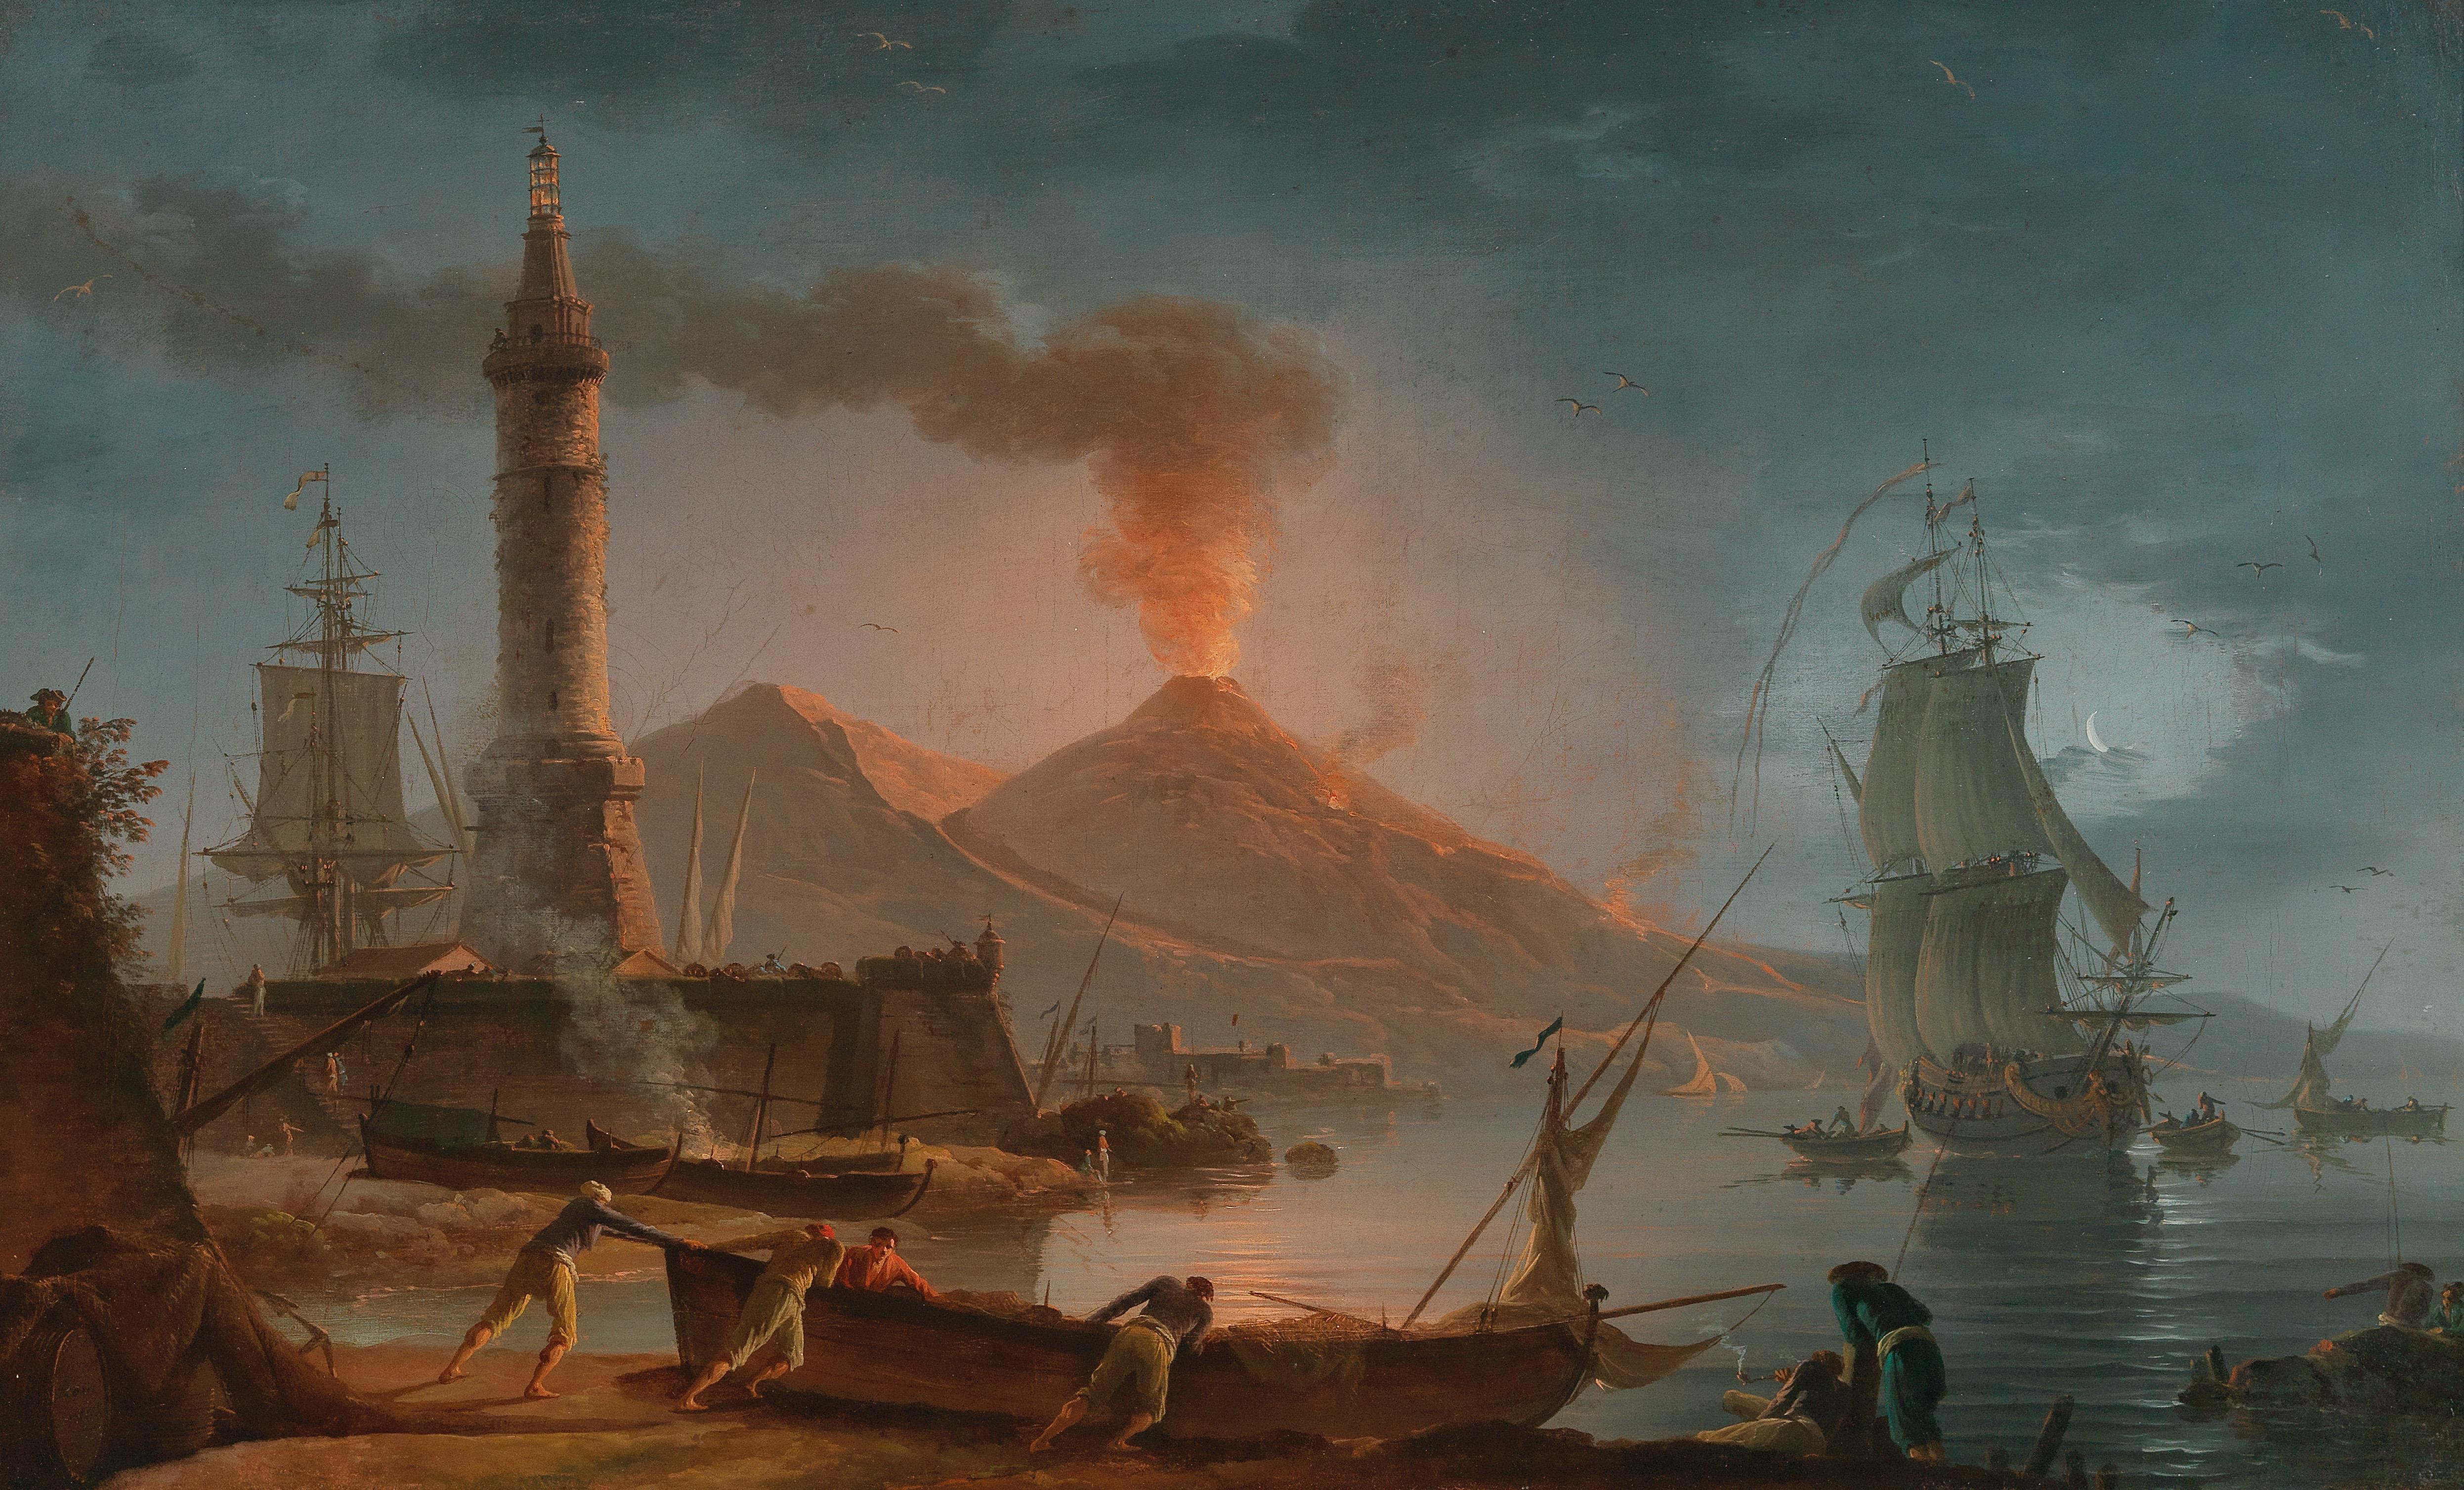 CHARLES FRANÇOIS GRENIER DE LACROIX gen. LACROIX DE MARSEILLE (um 1700 Marseille – 1782 Berlin) - Blick auf den ausbrechenden Vesuv bei Nacht, Öl/Lwd., signiert und undeutlich datiert, Rom 176(?)